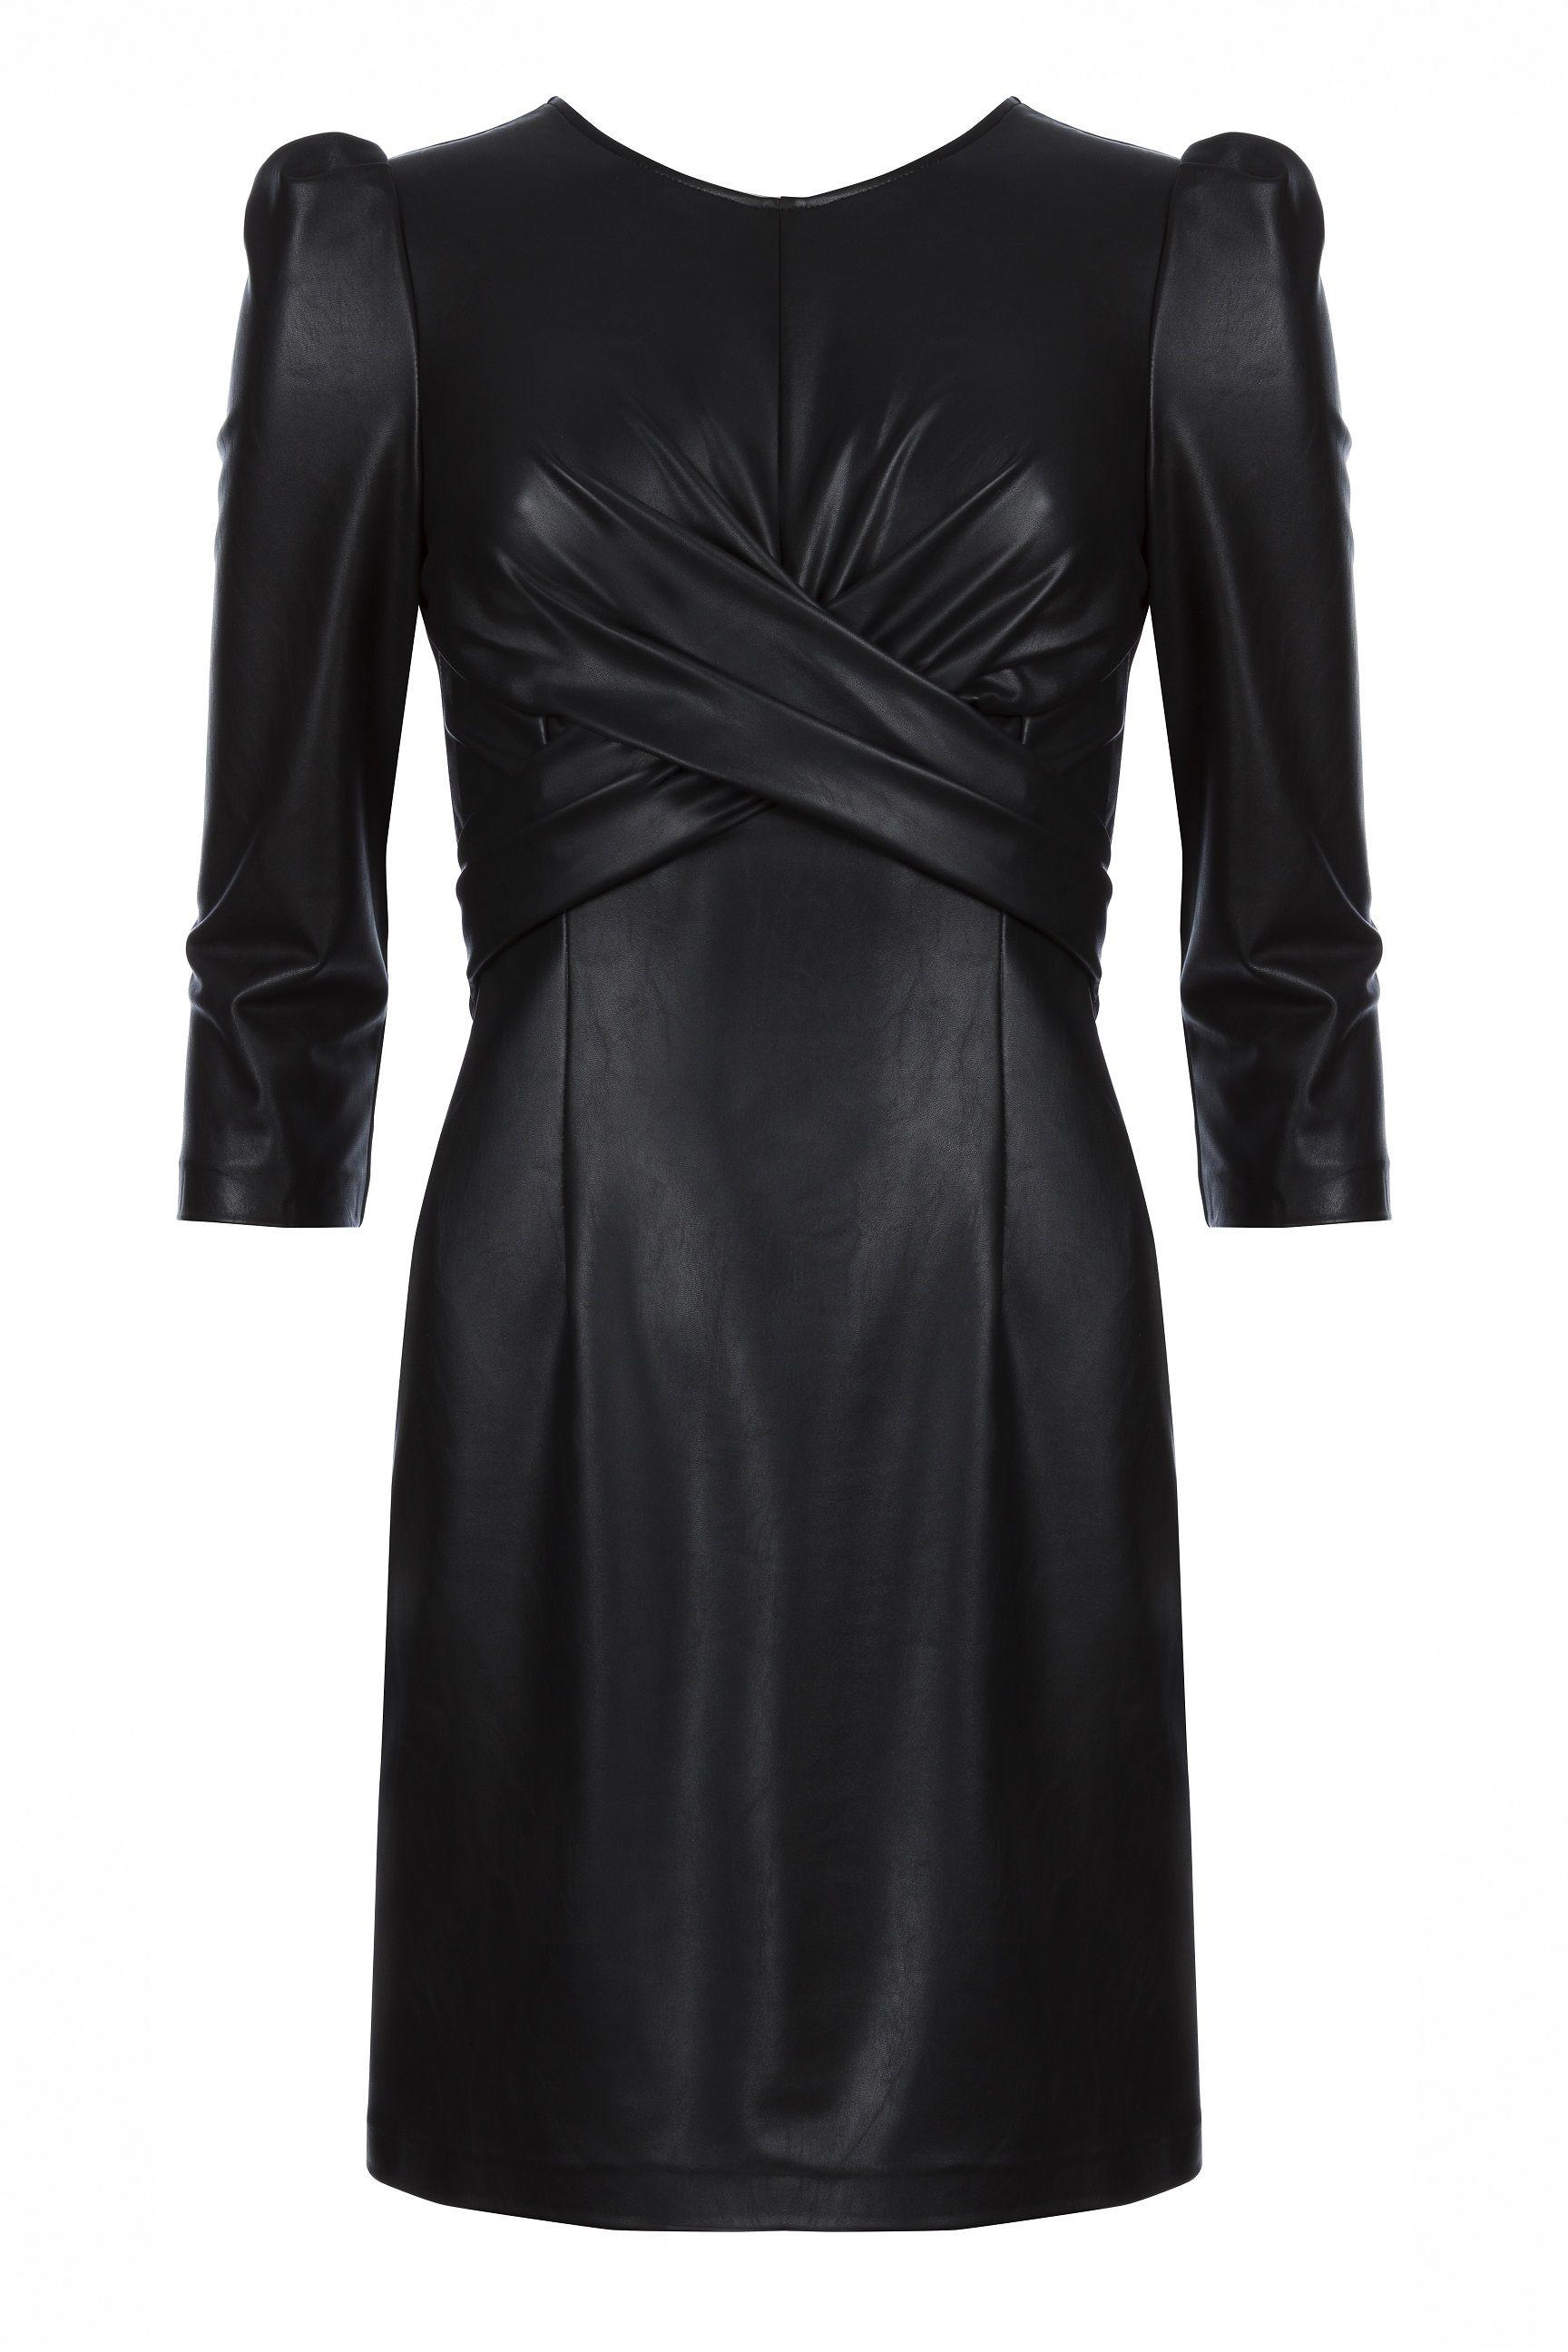 Tubino nero moda 2018 in ecopelle di Annarita N